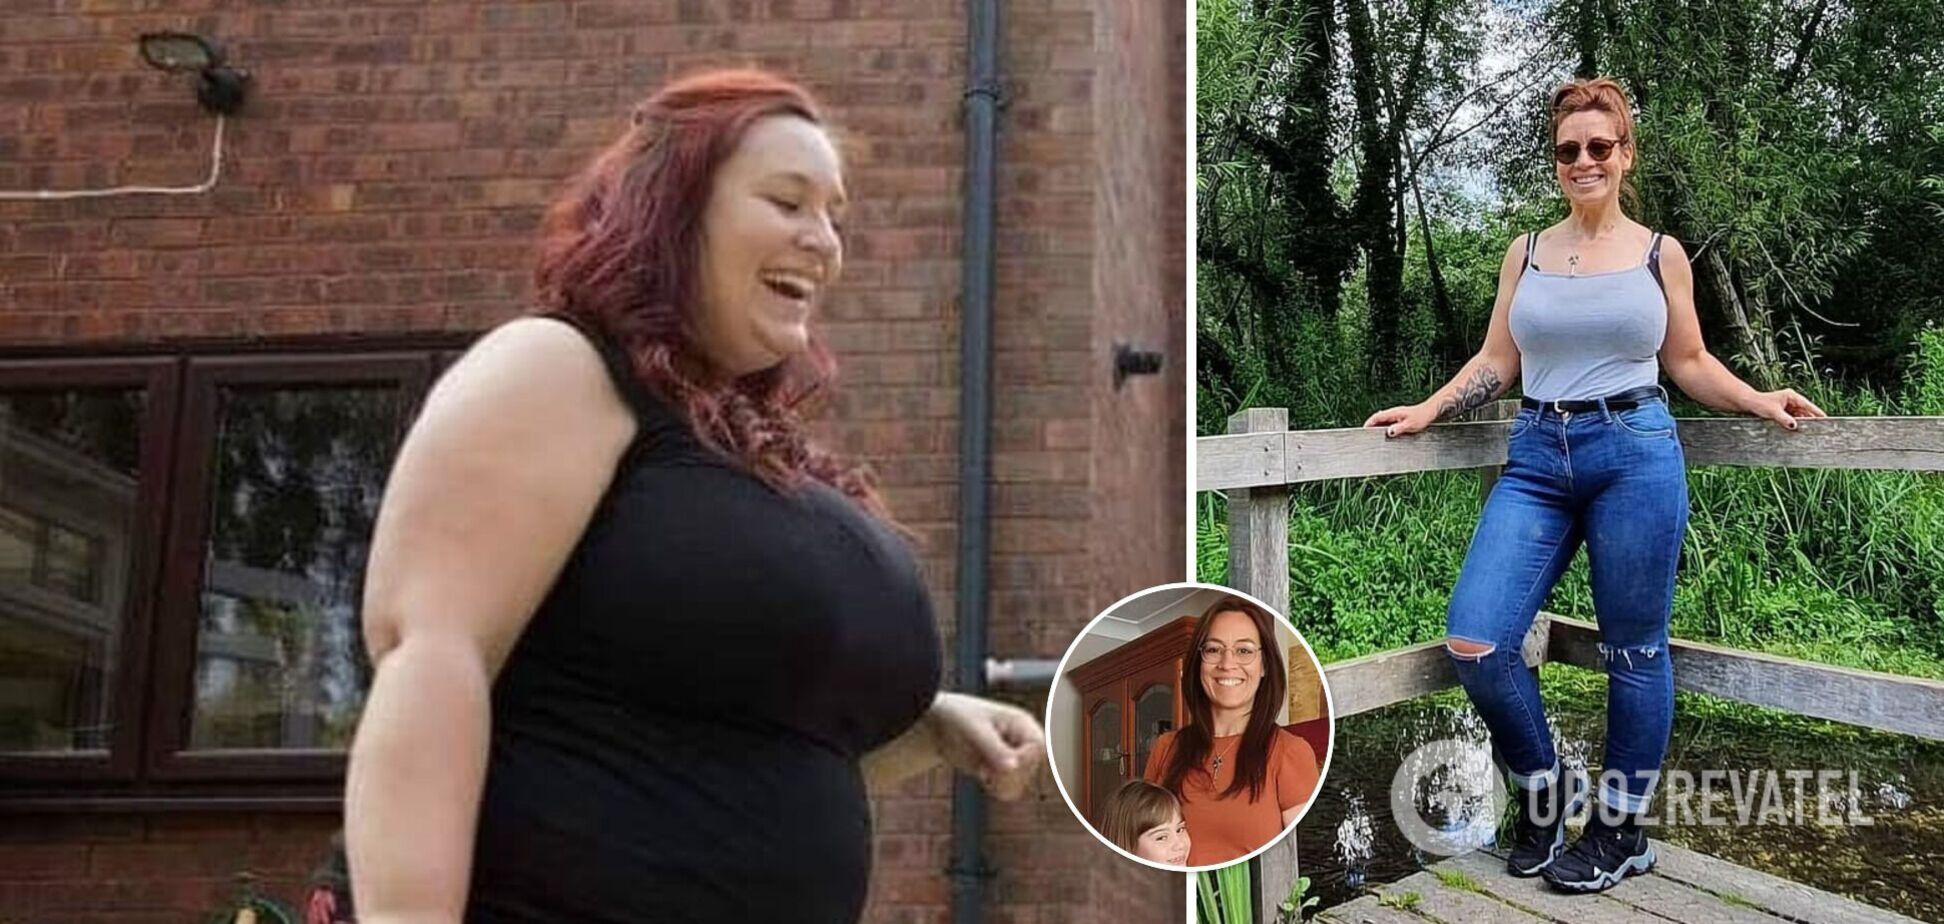 33-річна англійка схудла майже на 50 кг, злякавшись хвороби мами. Фото до і після